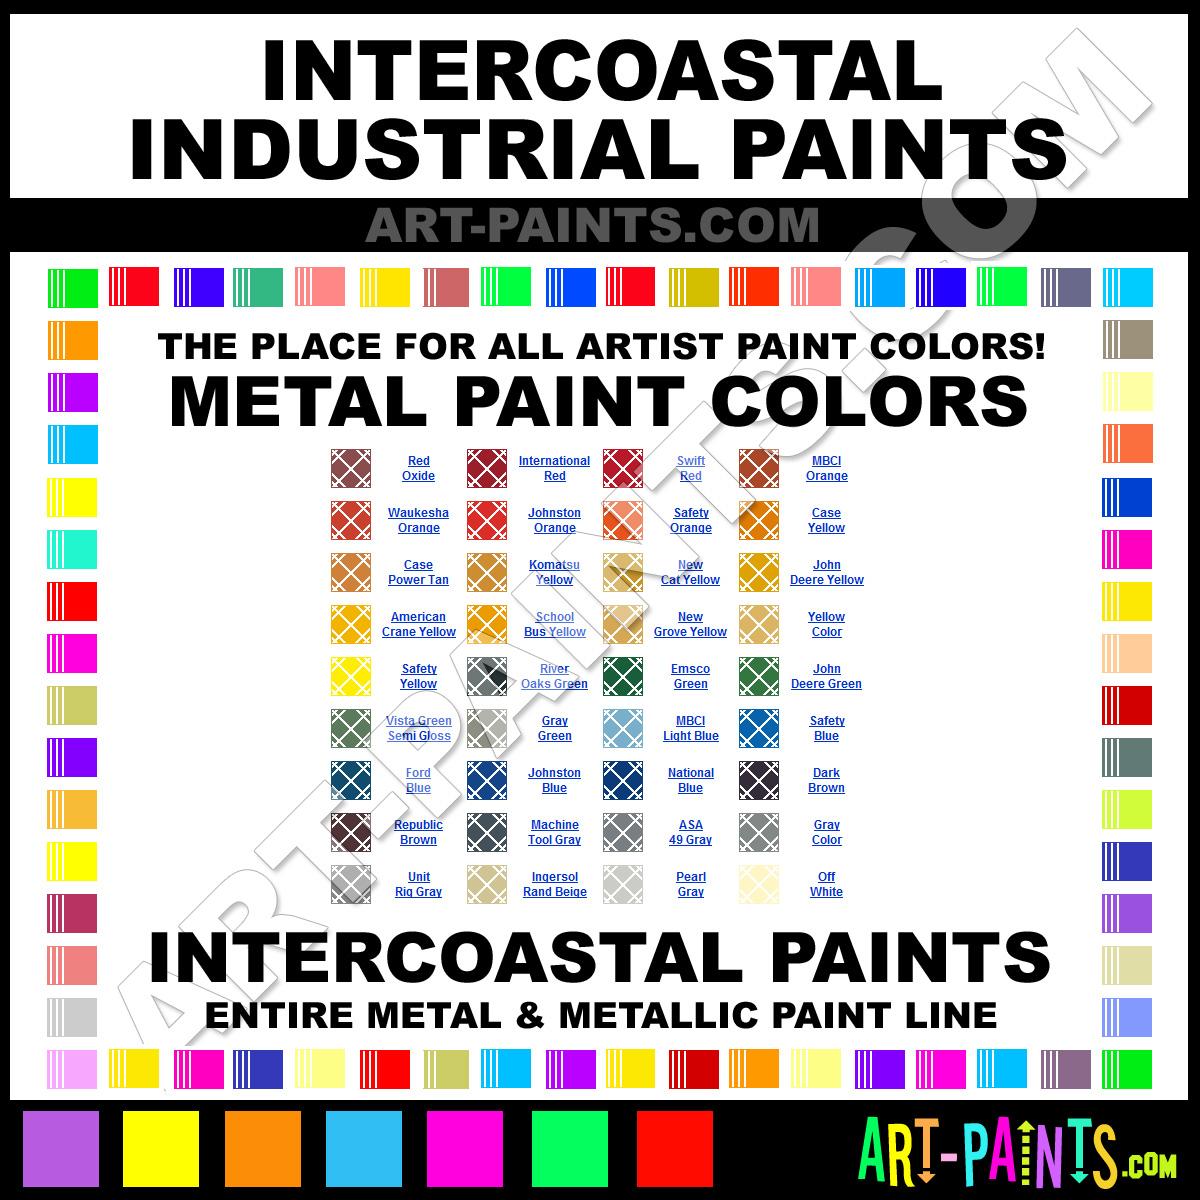 John Deere Yellow Industrial Metal And Metallic Paints